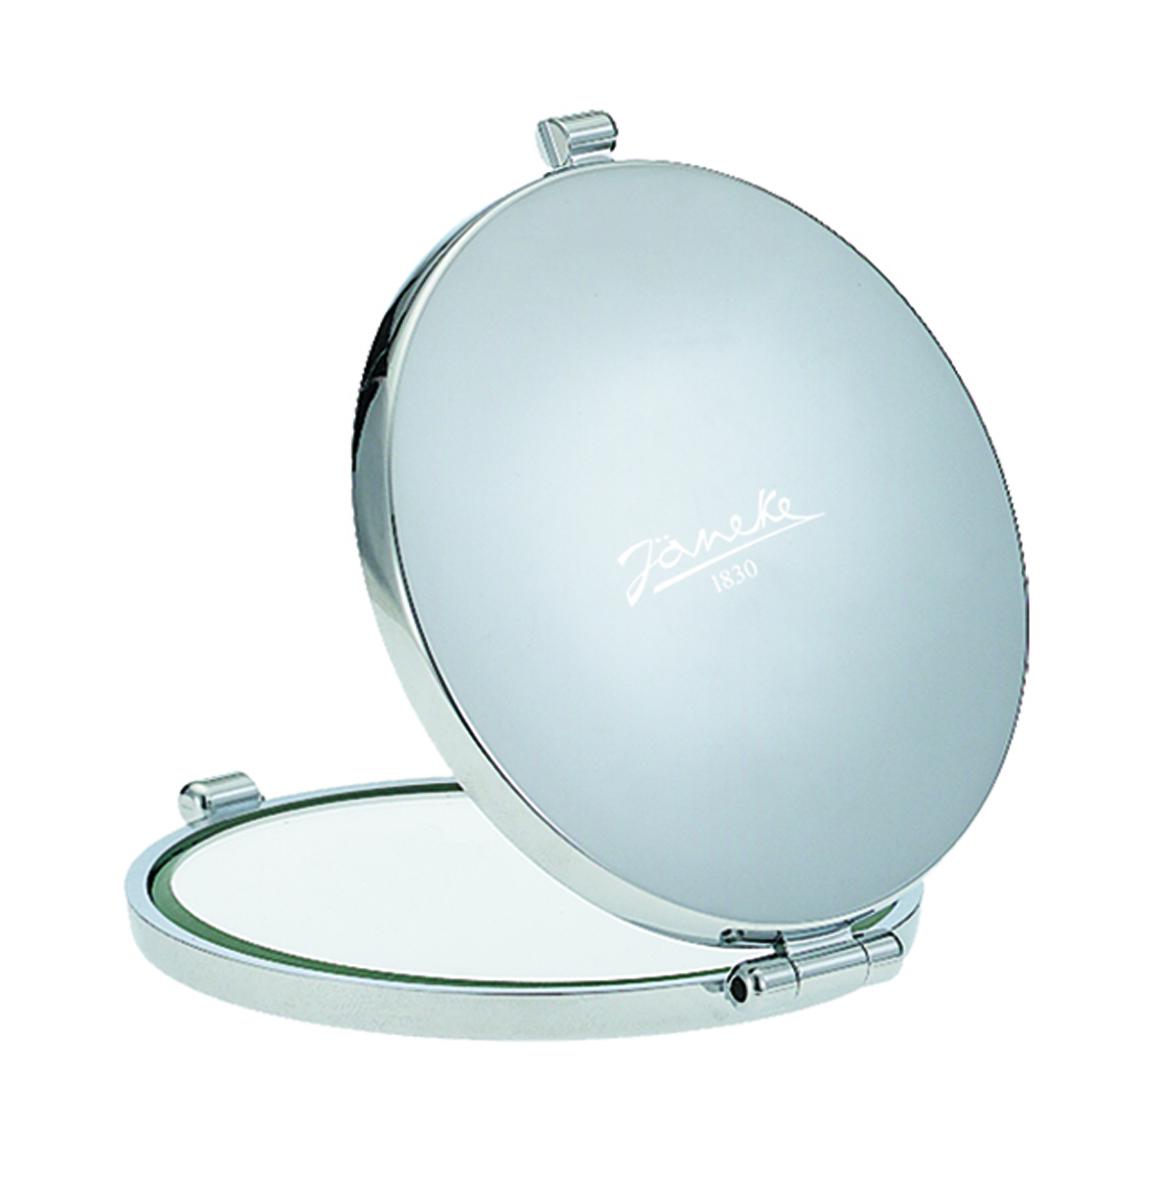 Janeke Зеркало хромированное для сумки D73, CR448.572937Марка Janeke – мировой лидер по производству расчесок, щеток, маникюрных принадлежностей, зеркал и косметичек. Марка Janeke, основанная в 1830 году, вот уже почти 180 лет поддерживает непревзойденное качество своей продукции, сочетая новейшие технологии с традициями ста- рых миланских мастеров. Все изделия на 80% производятся вручную, а инновационные технологии и современные материалы делают продукцию марки поистине уникальной. Стильный и эргономичный дизайн, яркие цветовые решения – все это приносит истин- ное удовольствие от использования аксессуаров Janeke. Компактные зеркала Janeke имеют линзы с обычным и трехкратным увеличением, которые позволяют быстро и легко поправить макияж в дороге. А благодаря стильному дизайну и миниатюрному размеру компактное зеркало Janeke станет любимым аксессуаром любой женщины.